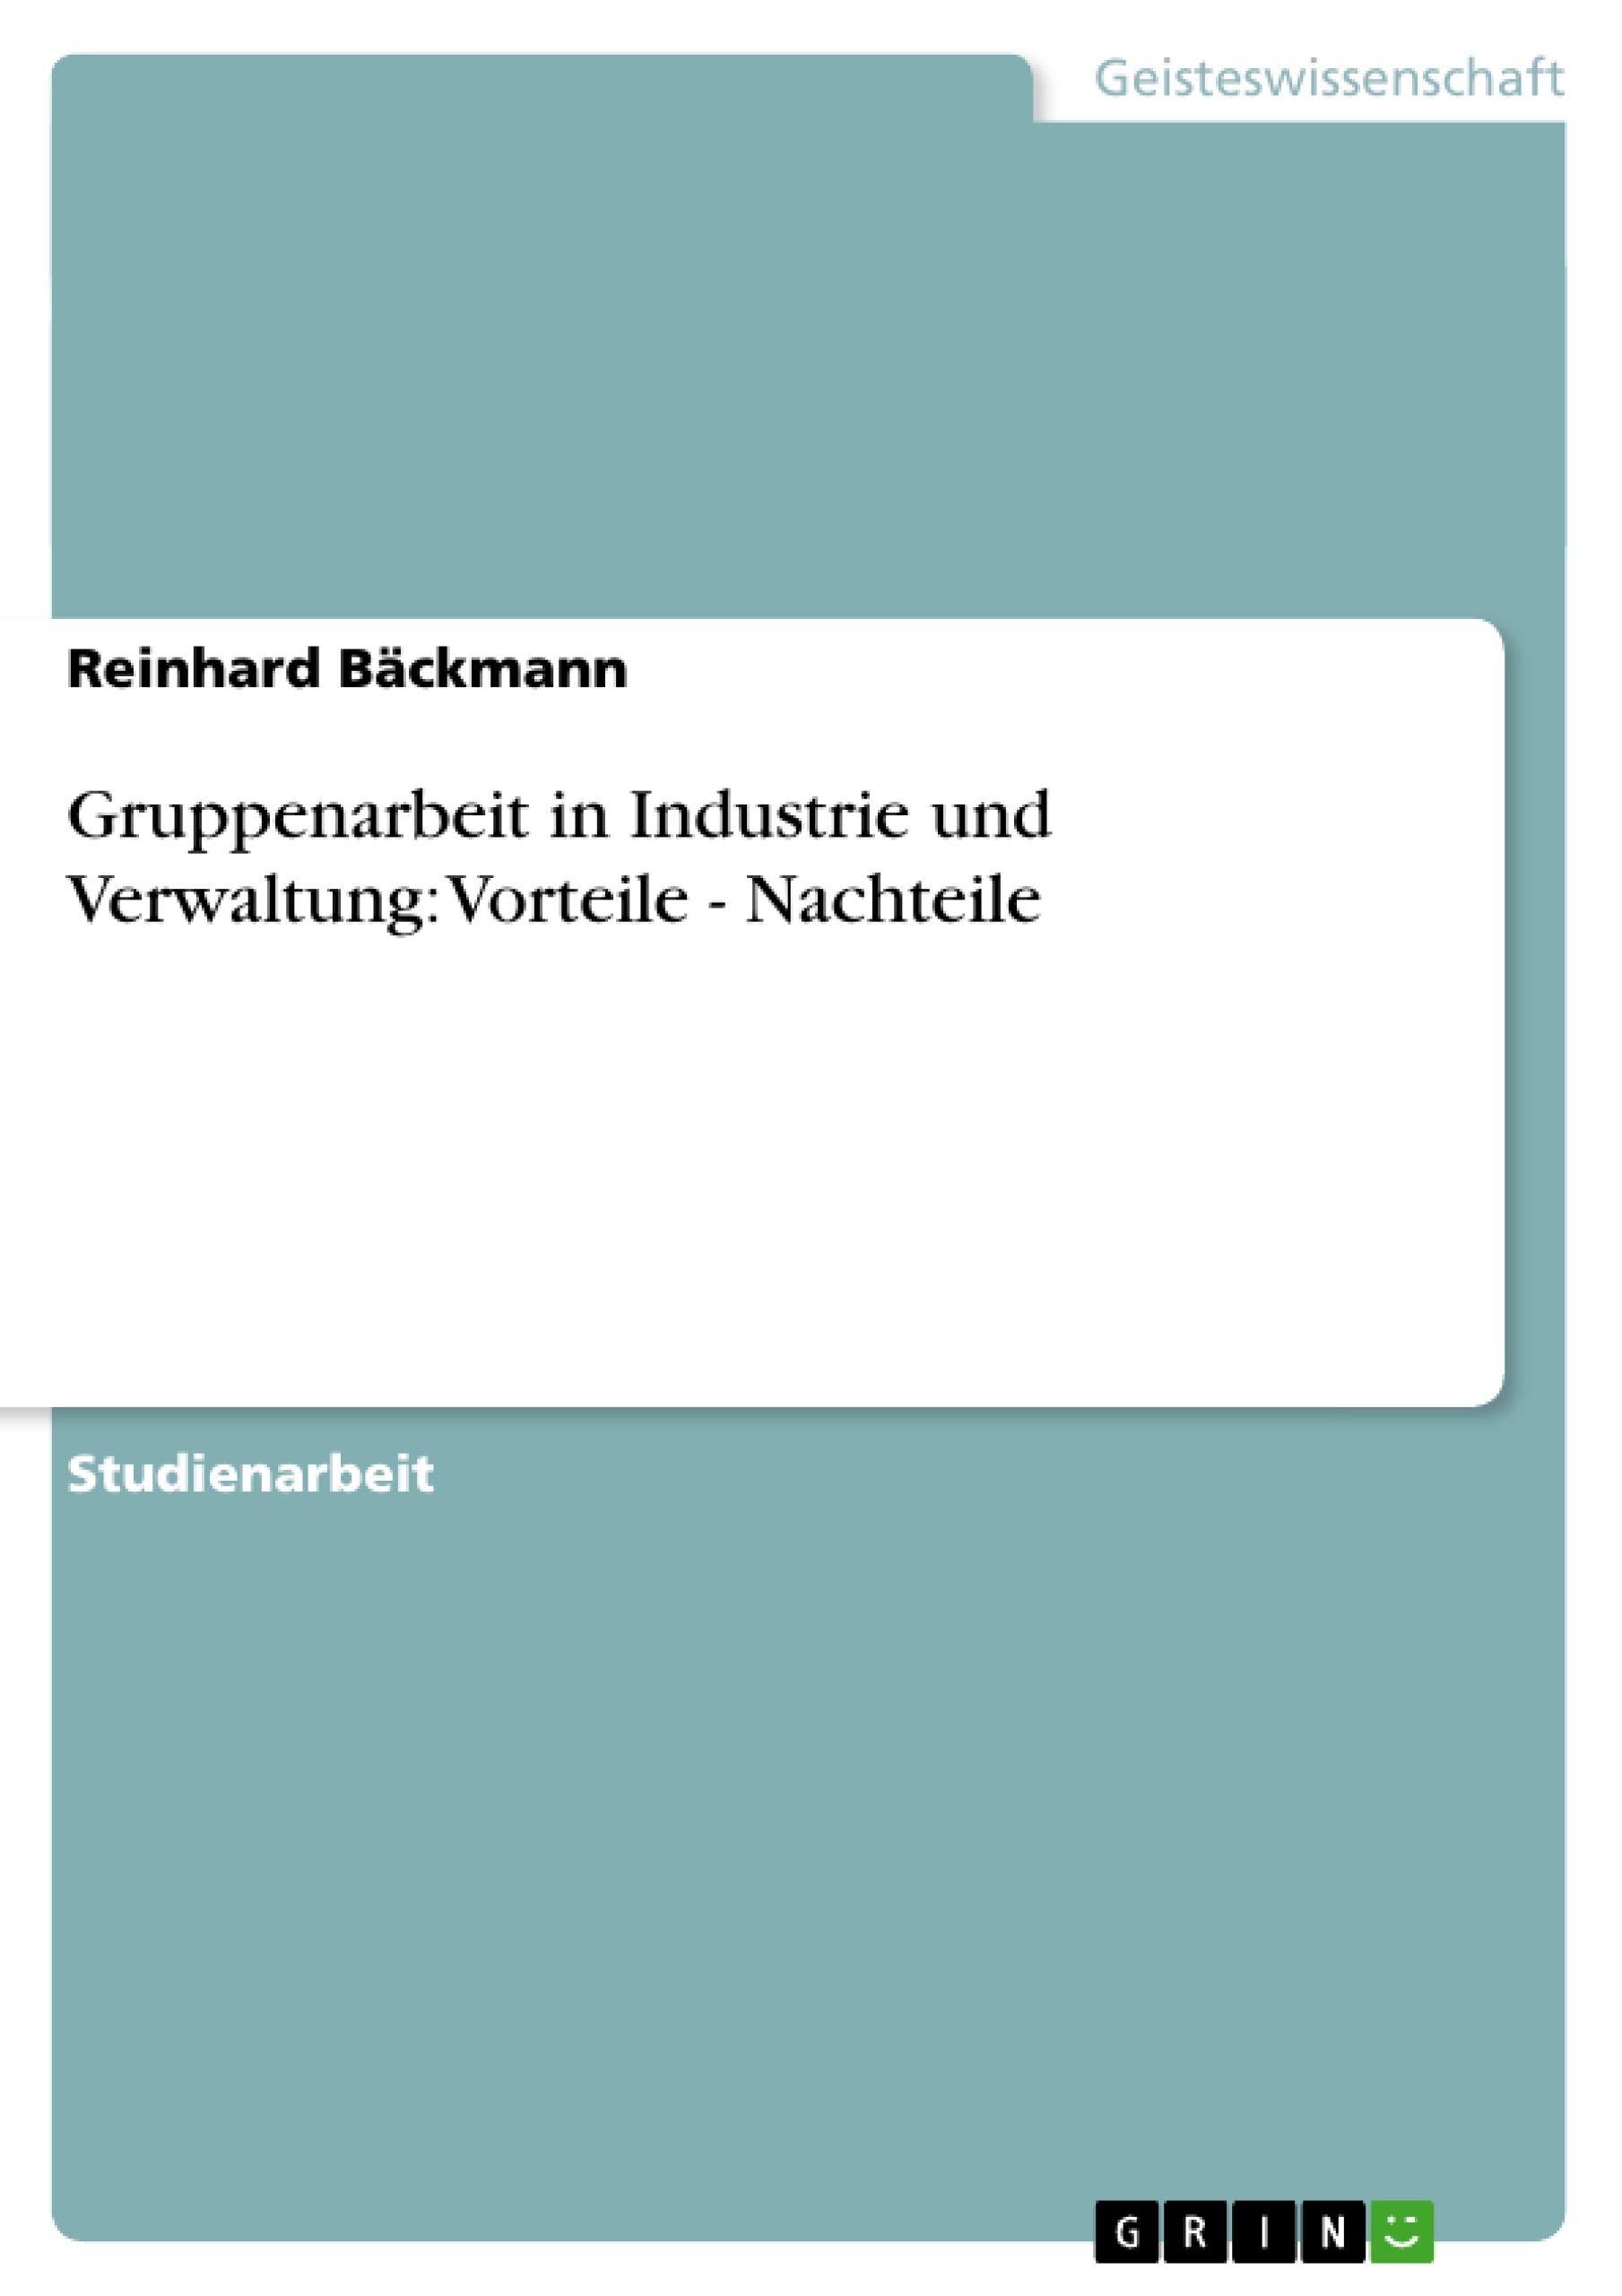 Titel: Gruppenarbeit in Industrie und Verwaltung: Vorteile - Nachteile